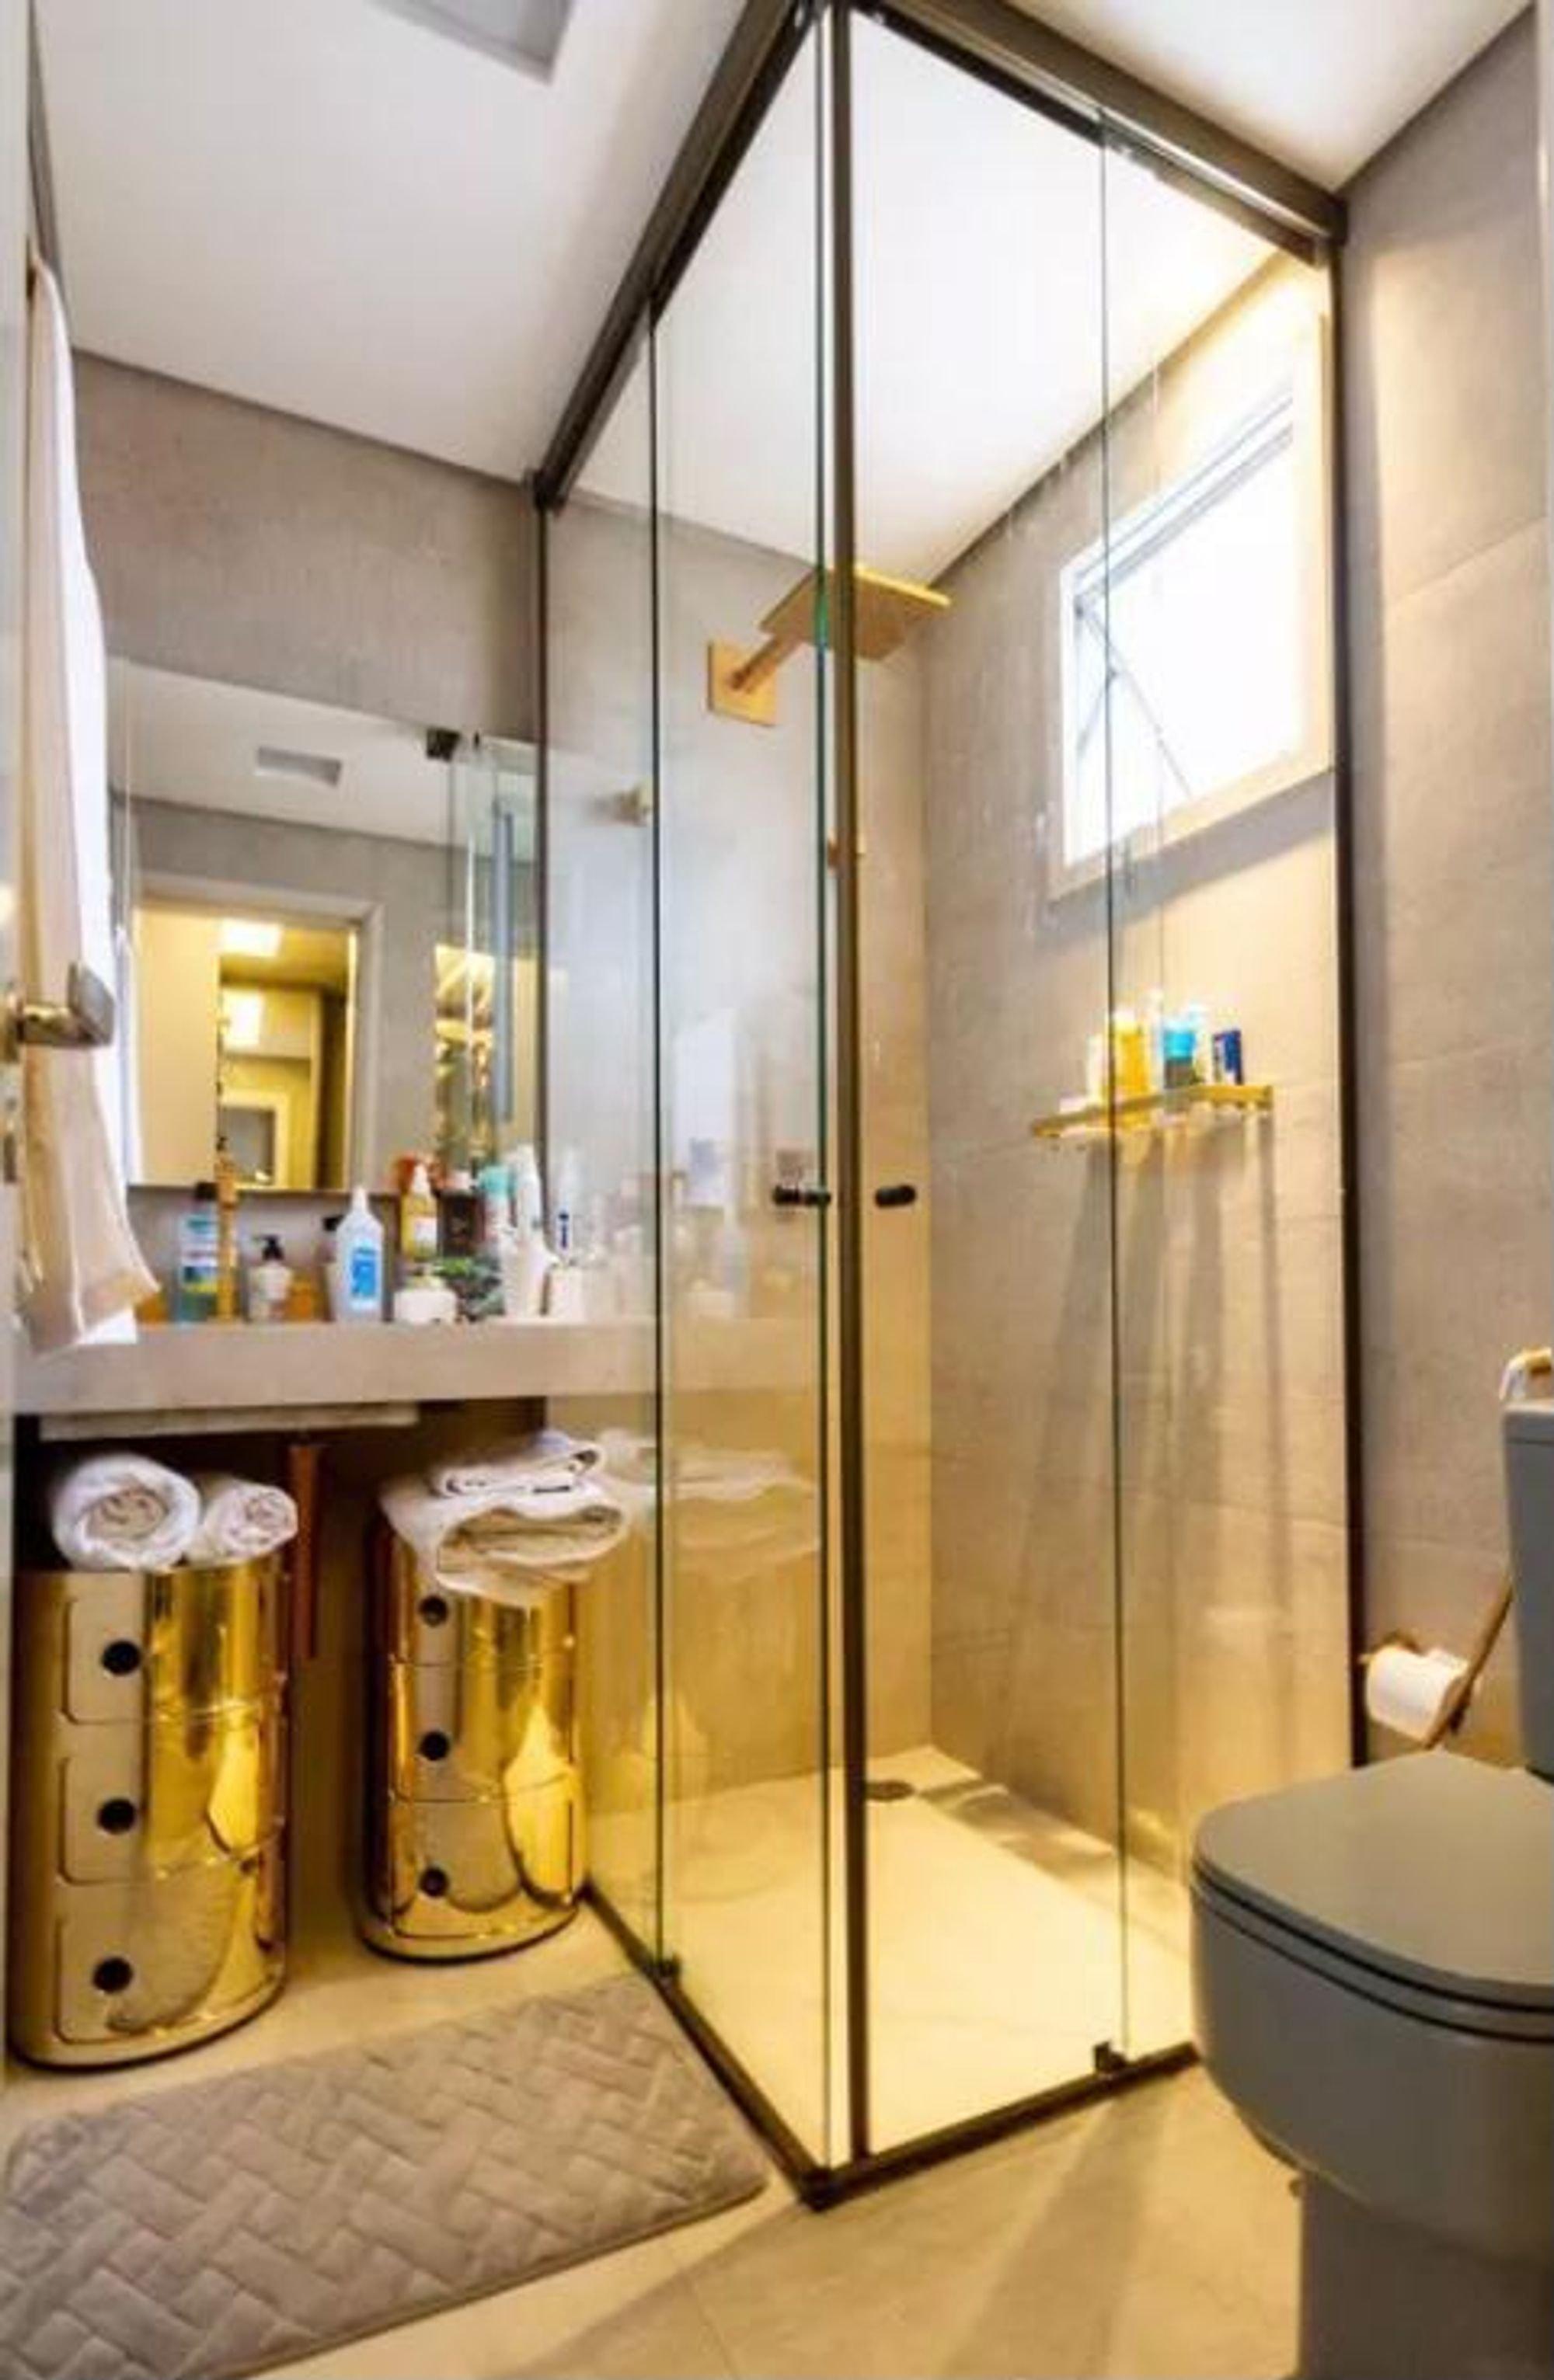 Foto de Banheiro com vaso sanitário, garrafa